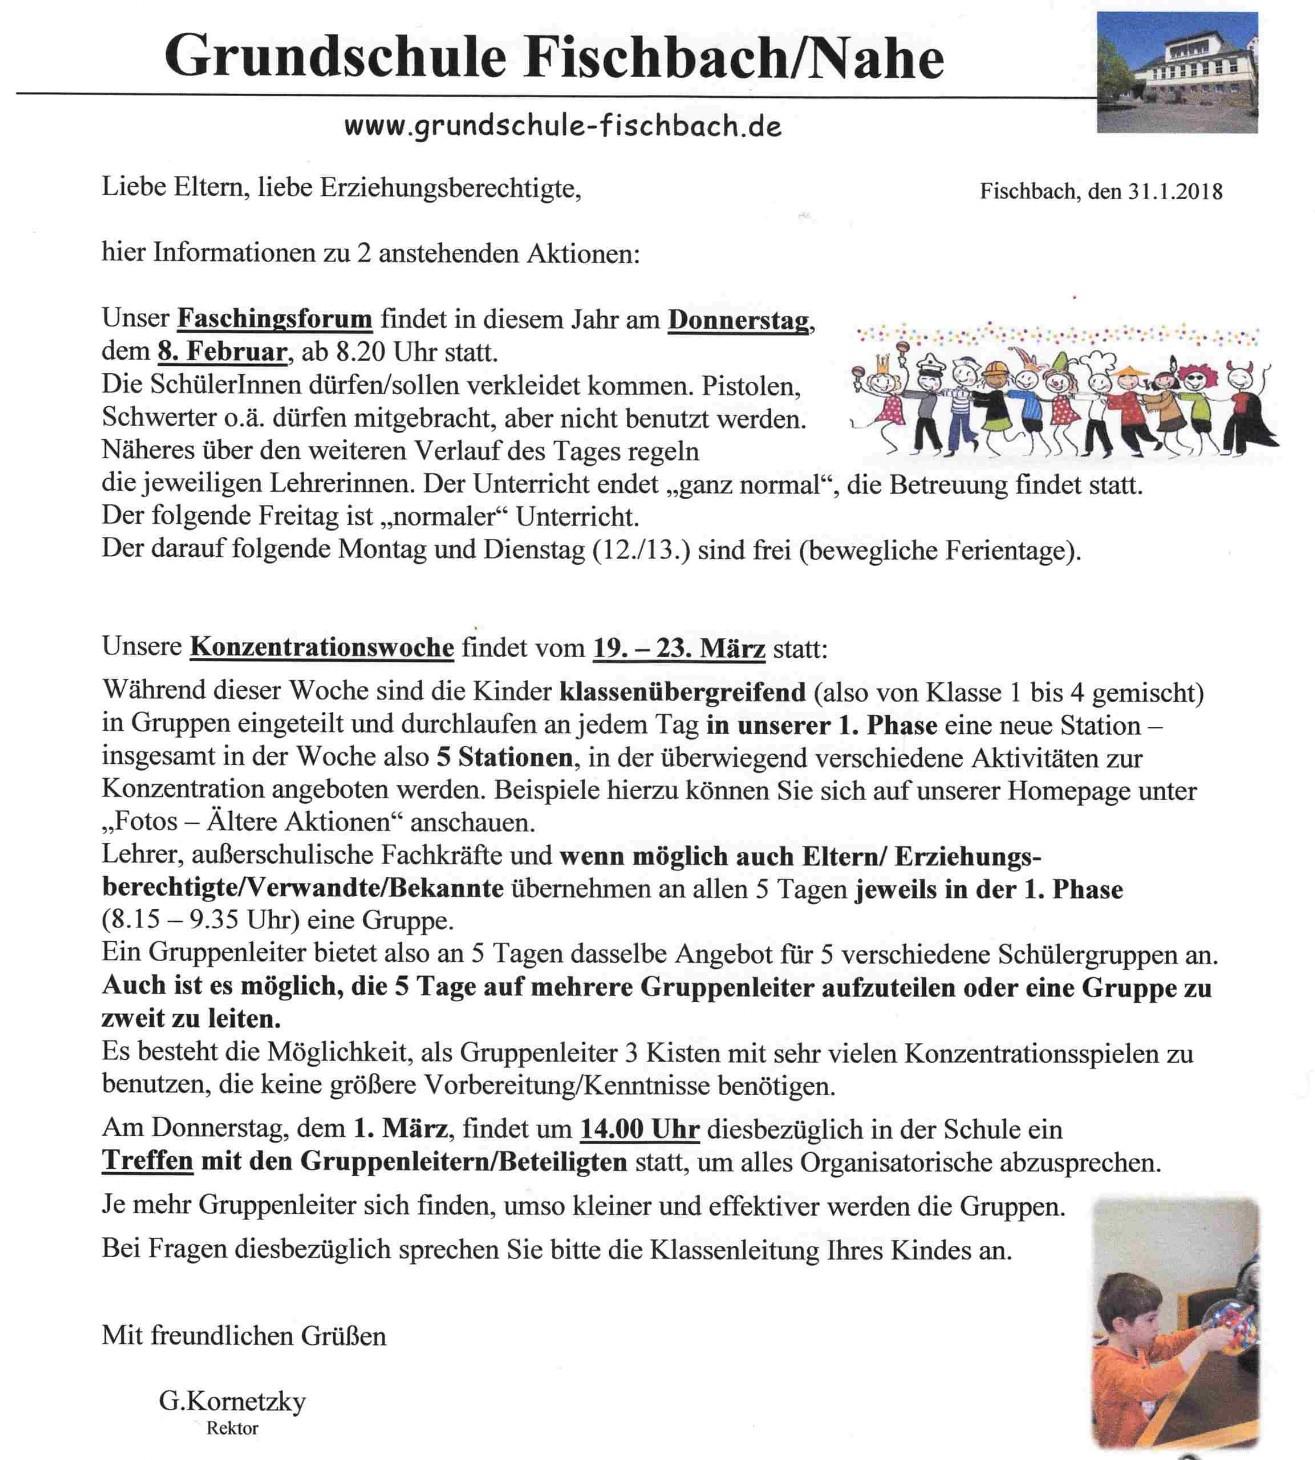 E Brief 2 18 Grundschule Fischbach An Der Nahe